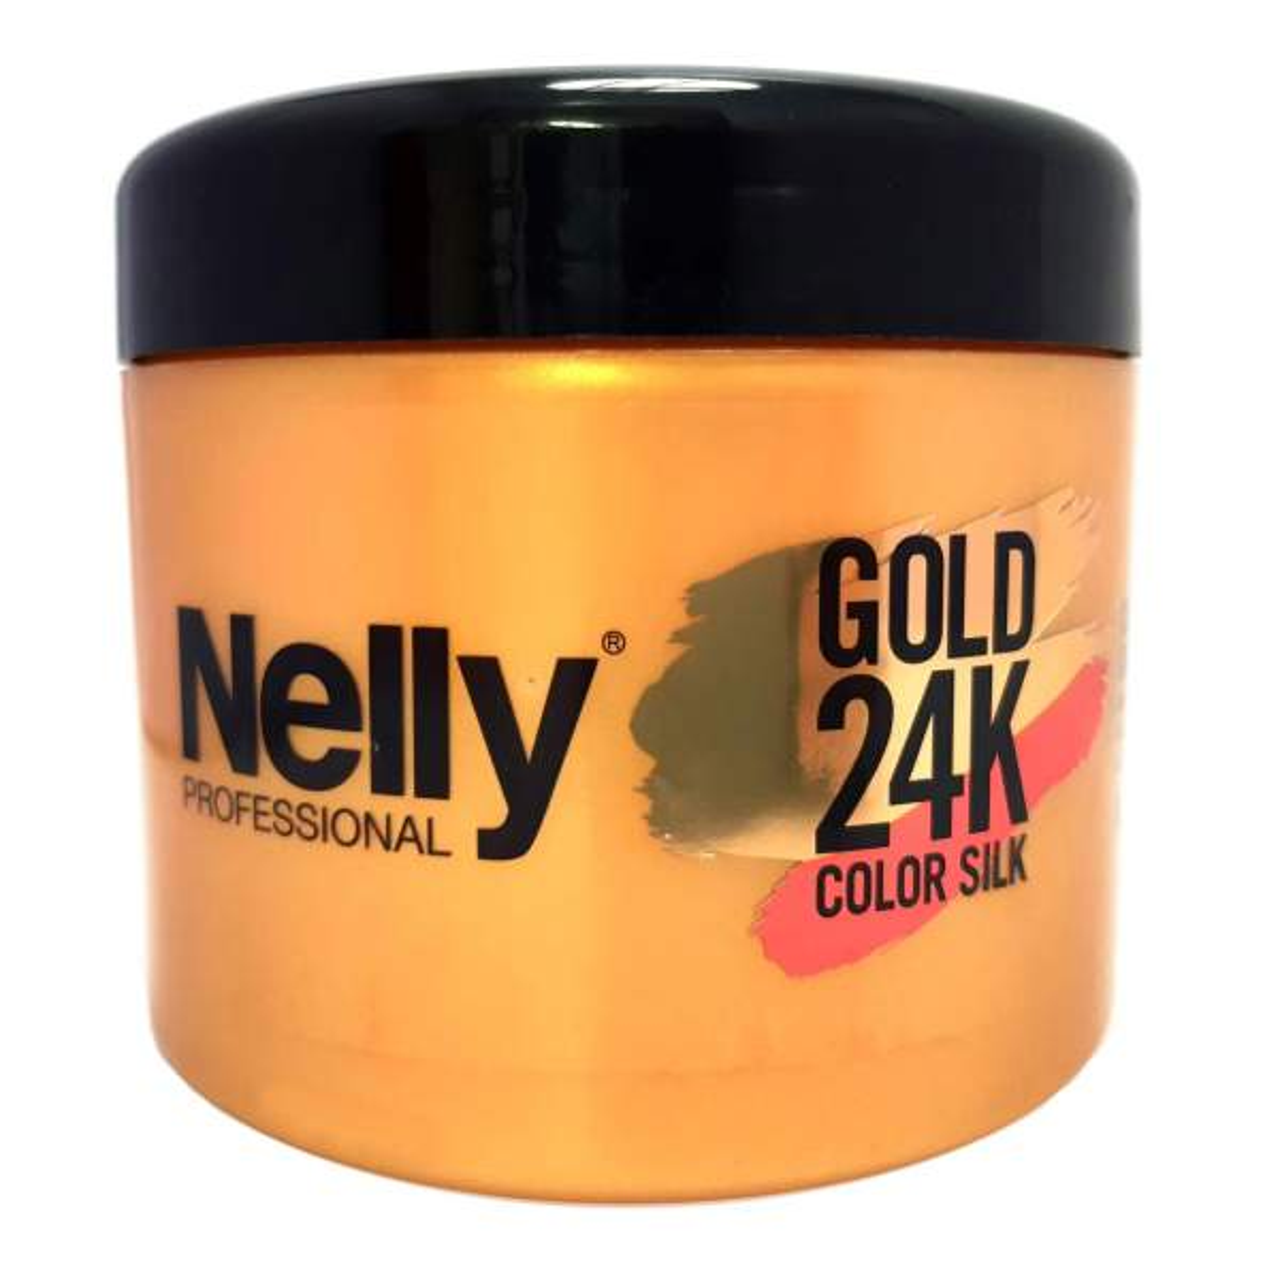 ماسک مو نلی مدل Gold color silk حجم 500 میلی لیتر